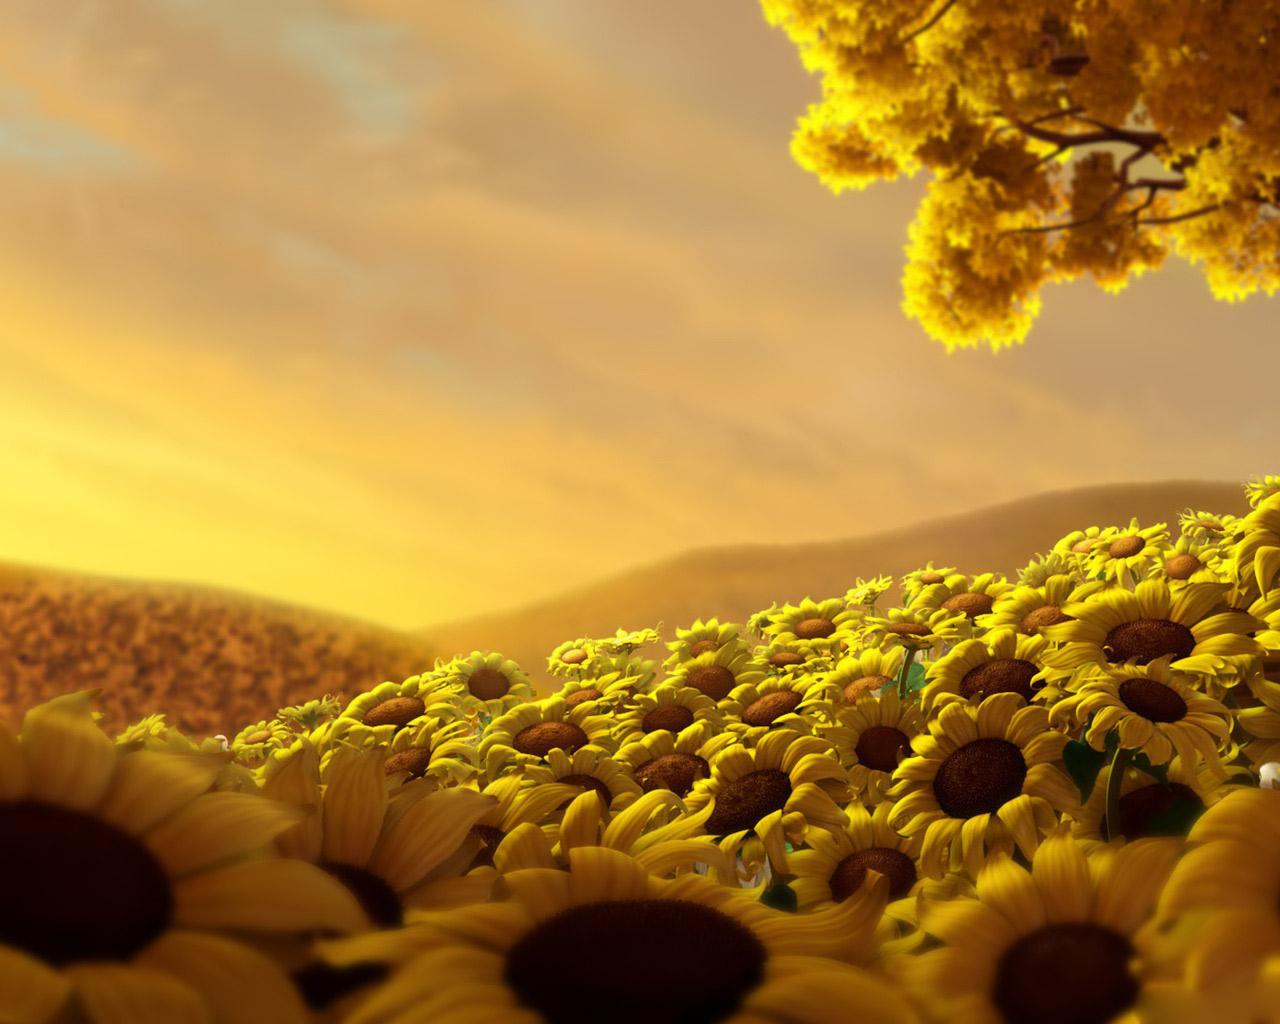 http://4.bp.blogspot.com/_LYSAqYAZ1do/TQrww6EoGRI/AAAAAAAAAH8/2mJkl0ZyTjc/s1600/Sunflowers_meadow_-_digital_3d_wallpaper.jpg